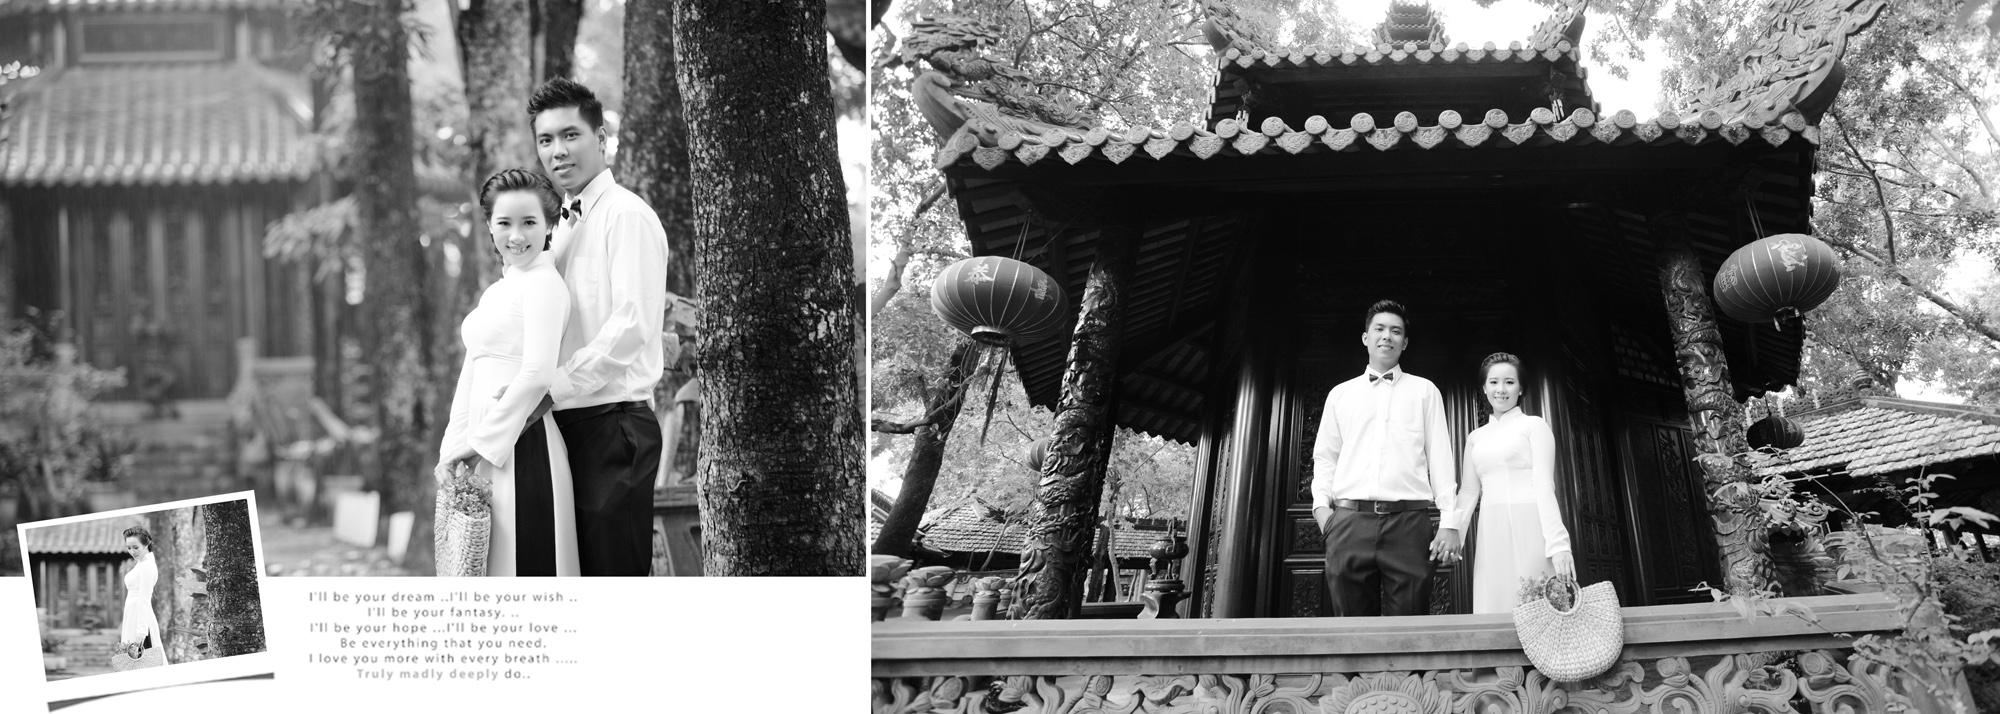 Album chụp hình cưới Quang và Thủy 7